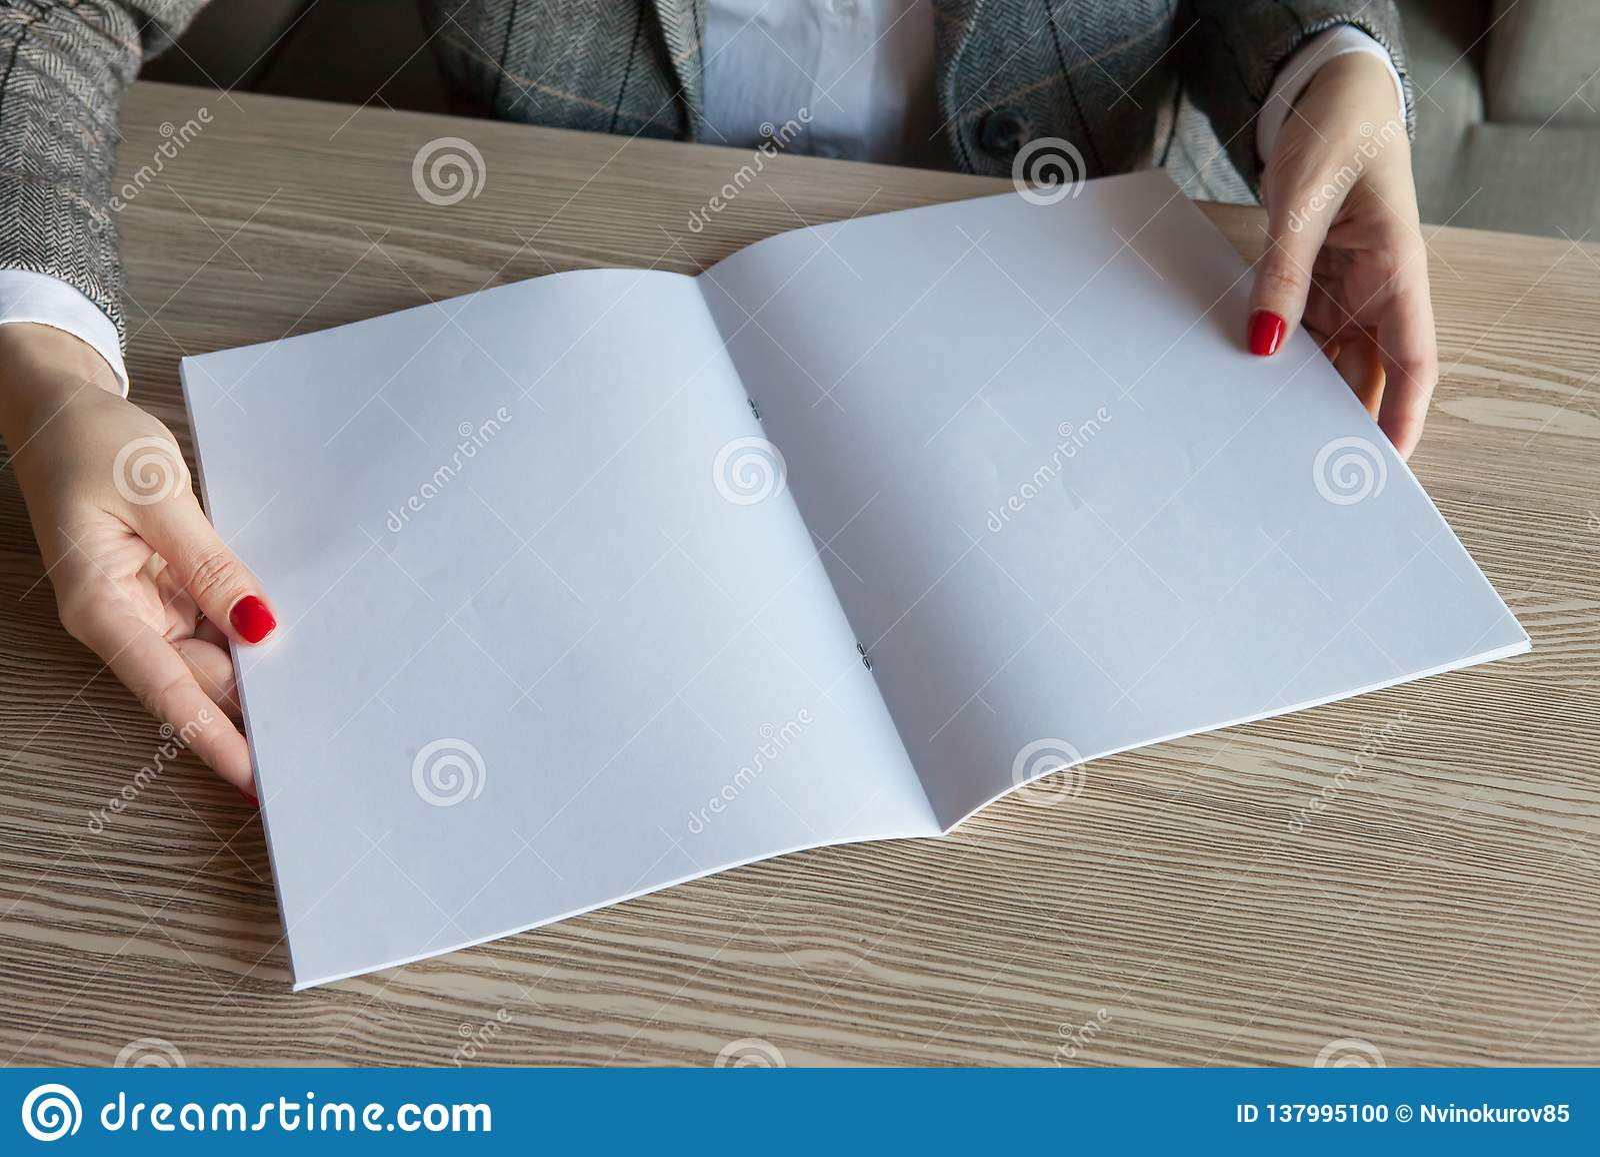 Το κορίτσι κρατά υπό εξέταση το πρότυπο περιοδικών το σχήμα A4